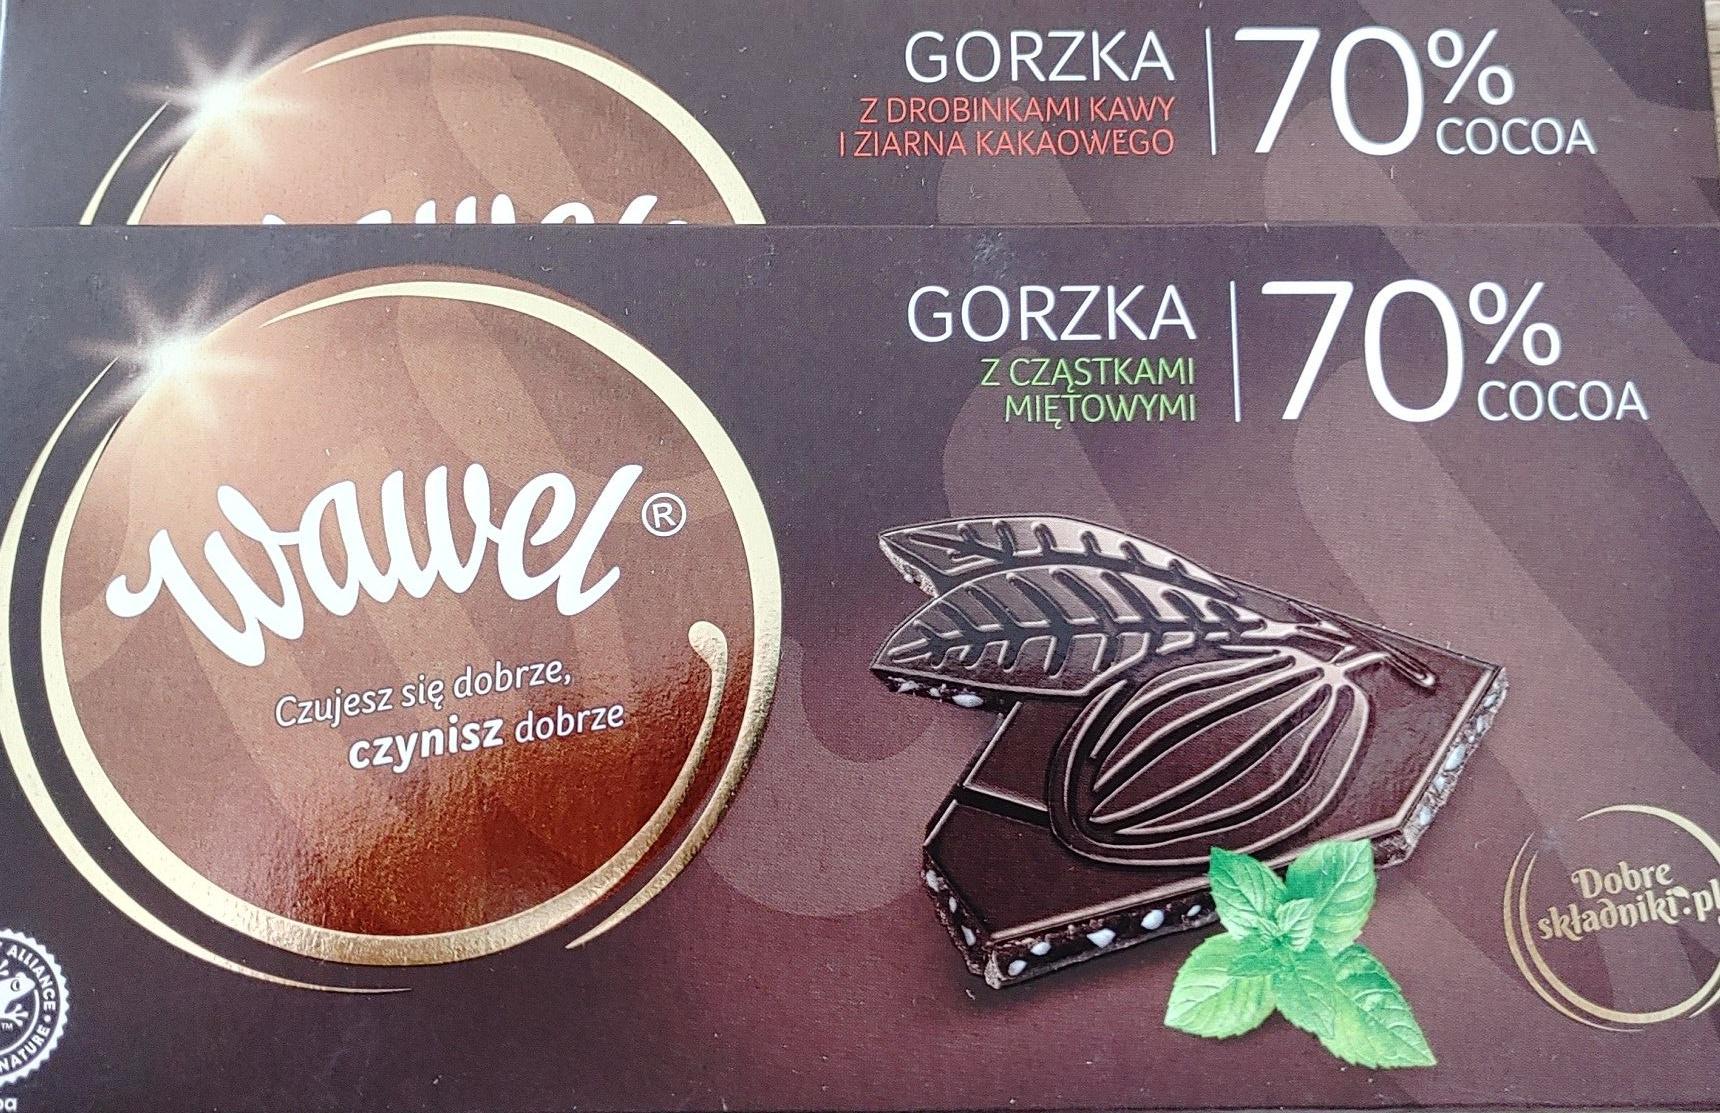 Czekolada Wawel Premium Gorzka 100g @Lidl